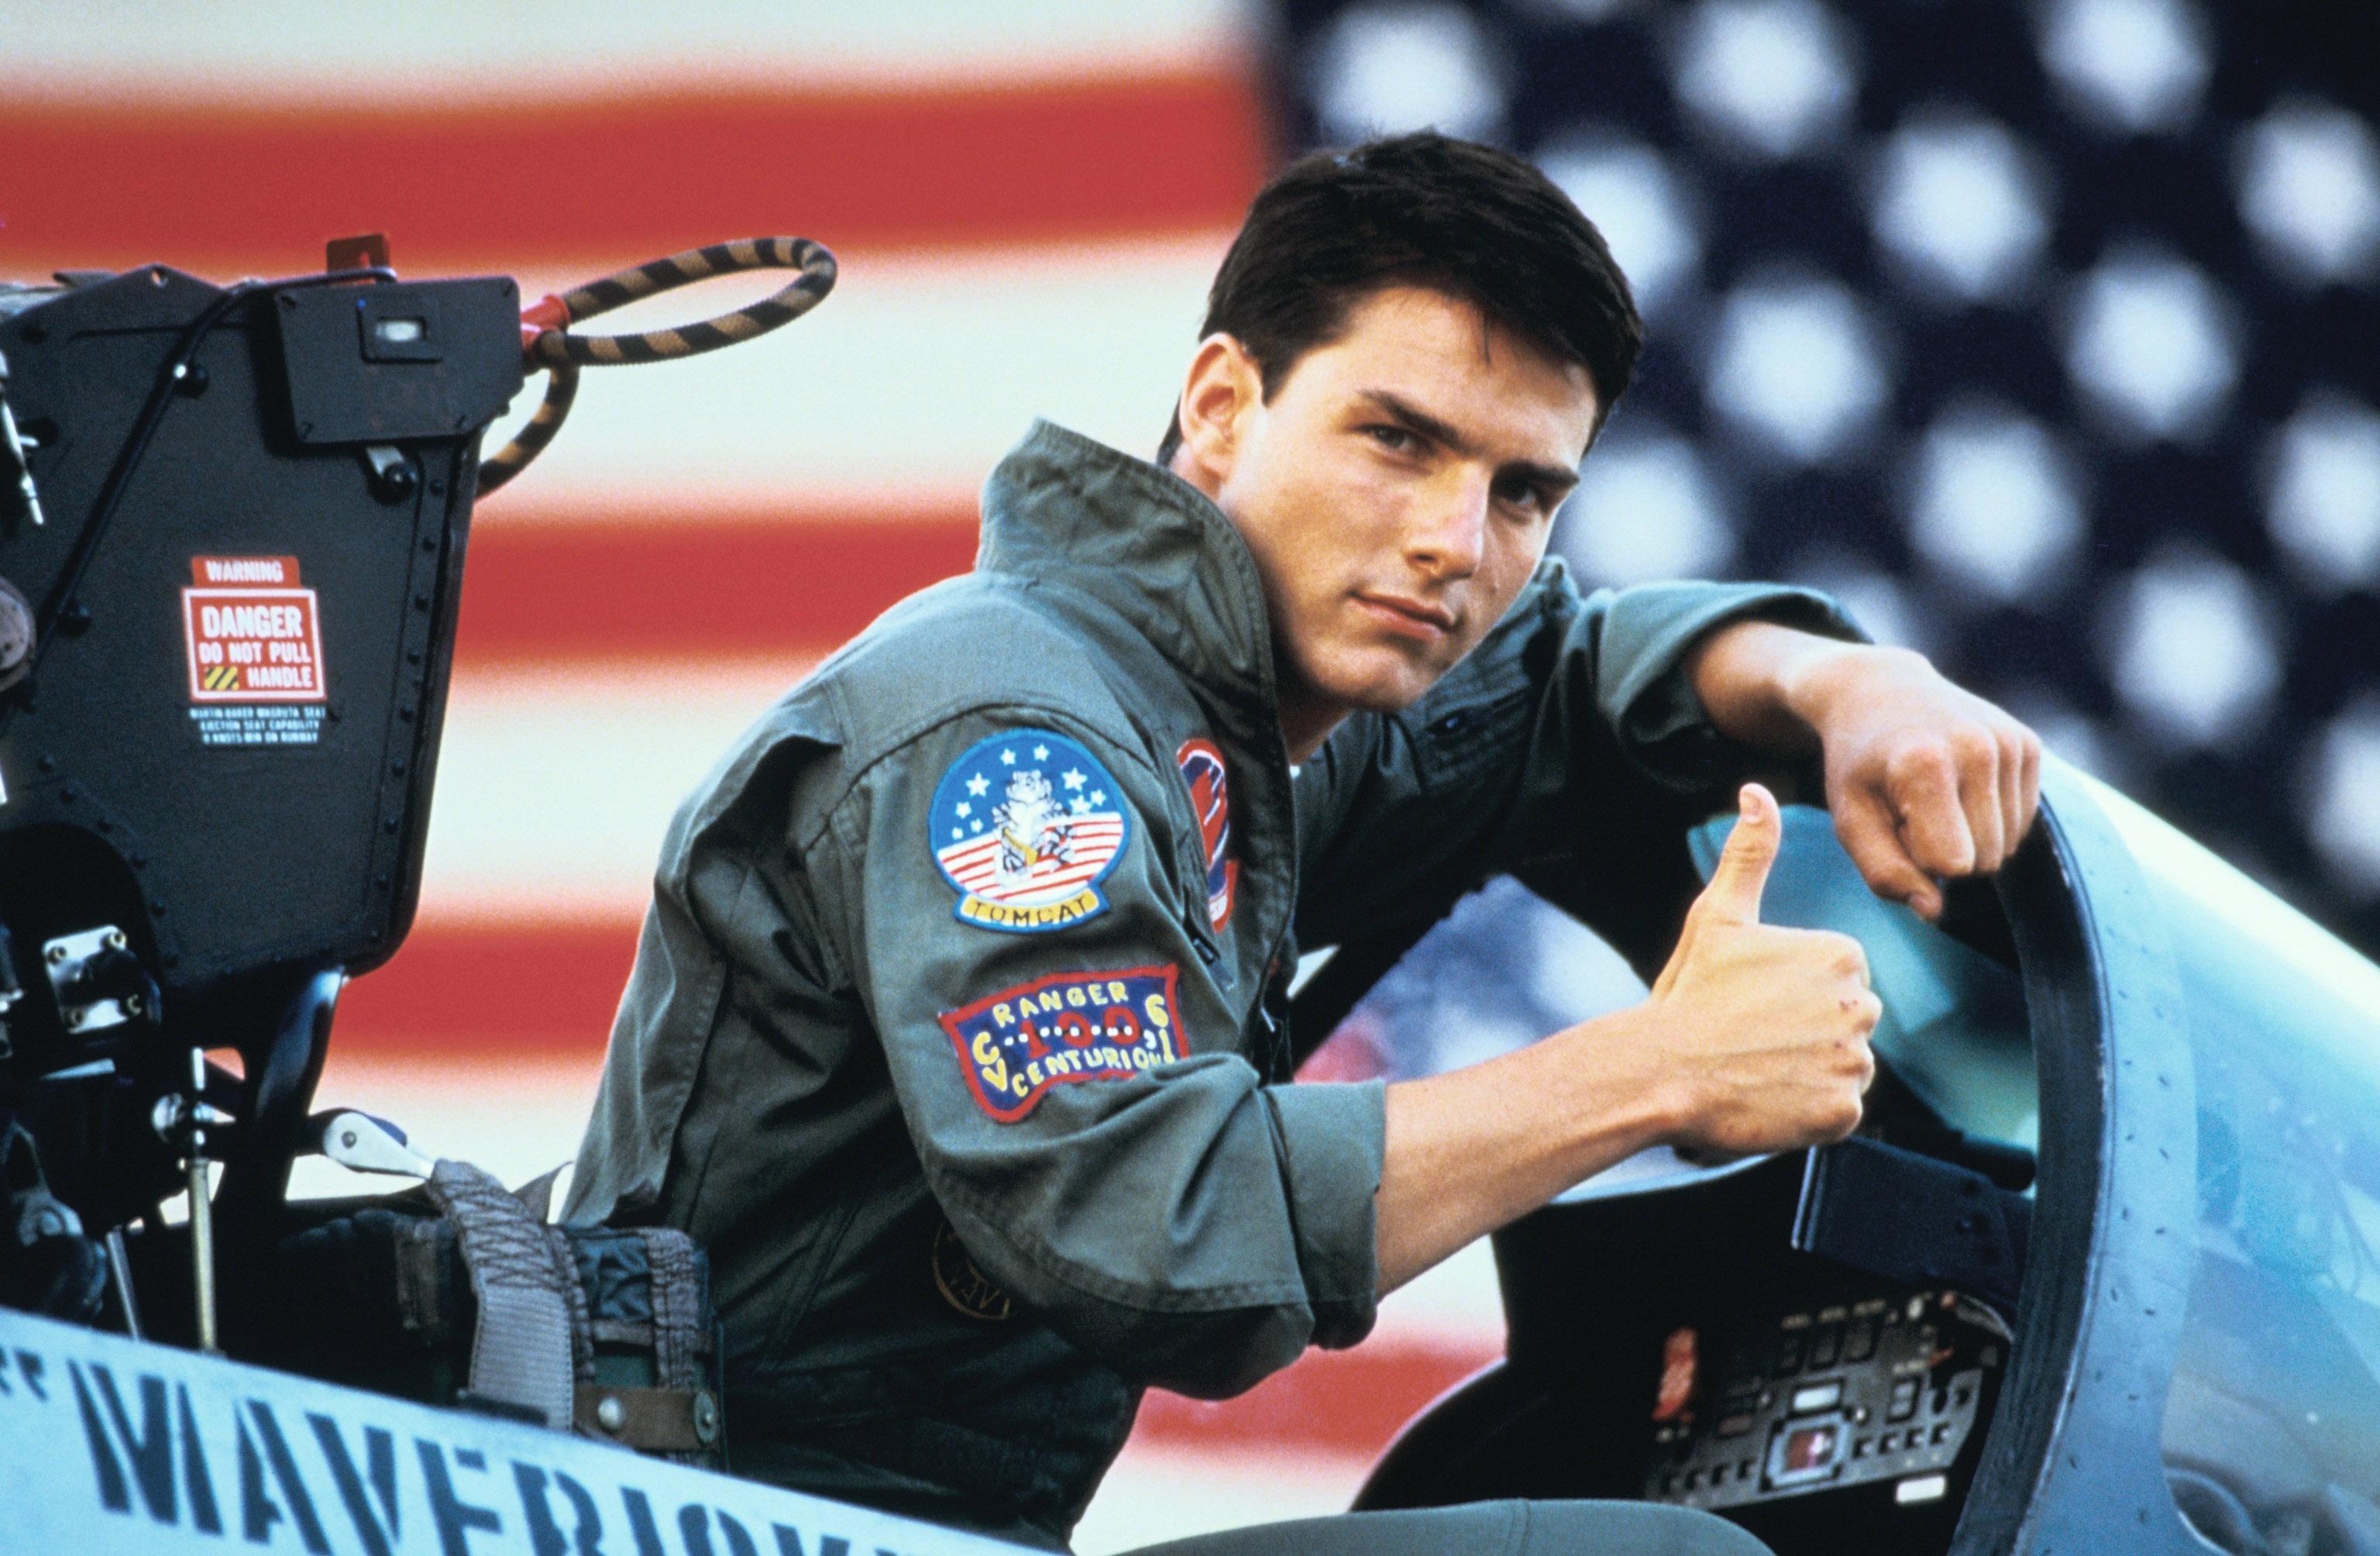 Pour des problèmes d'agenda, Maverik de Top Gun ne viendra pas, mais il approuve ce spectacle !